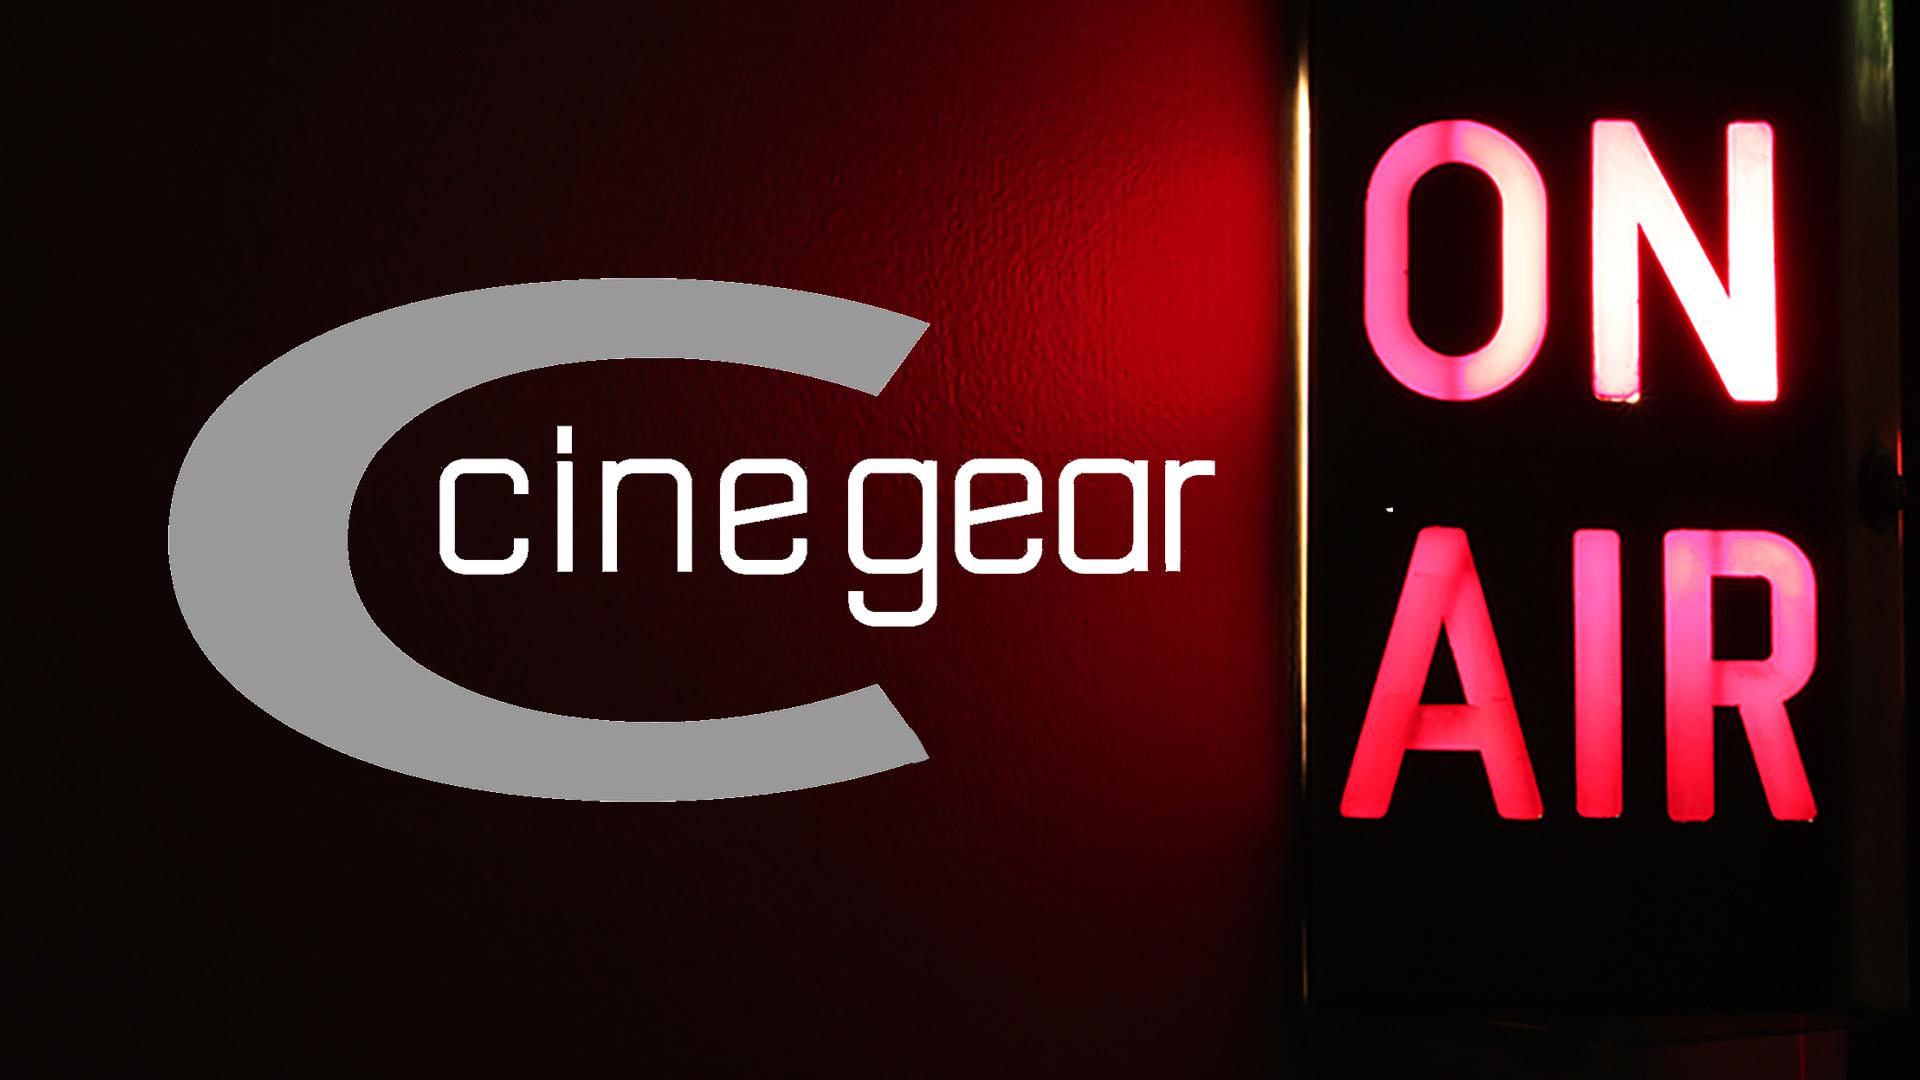 CineGear ON AIR: Charlas de ferias comerciales, ahora por Zoom